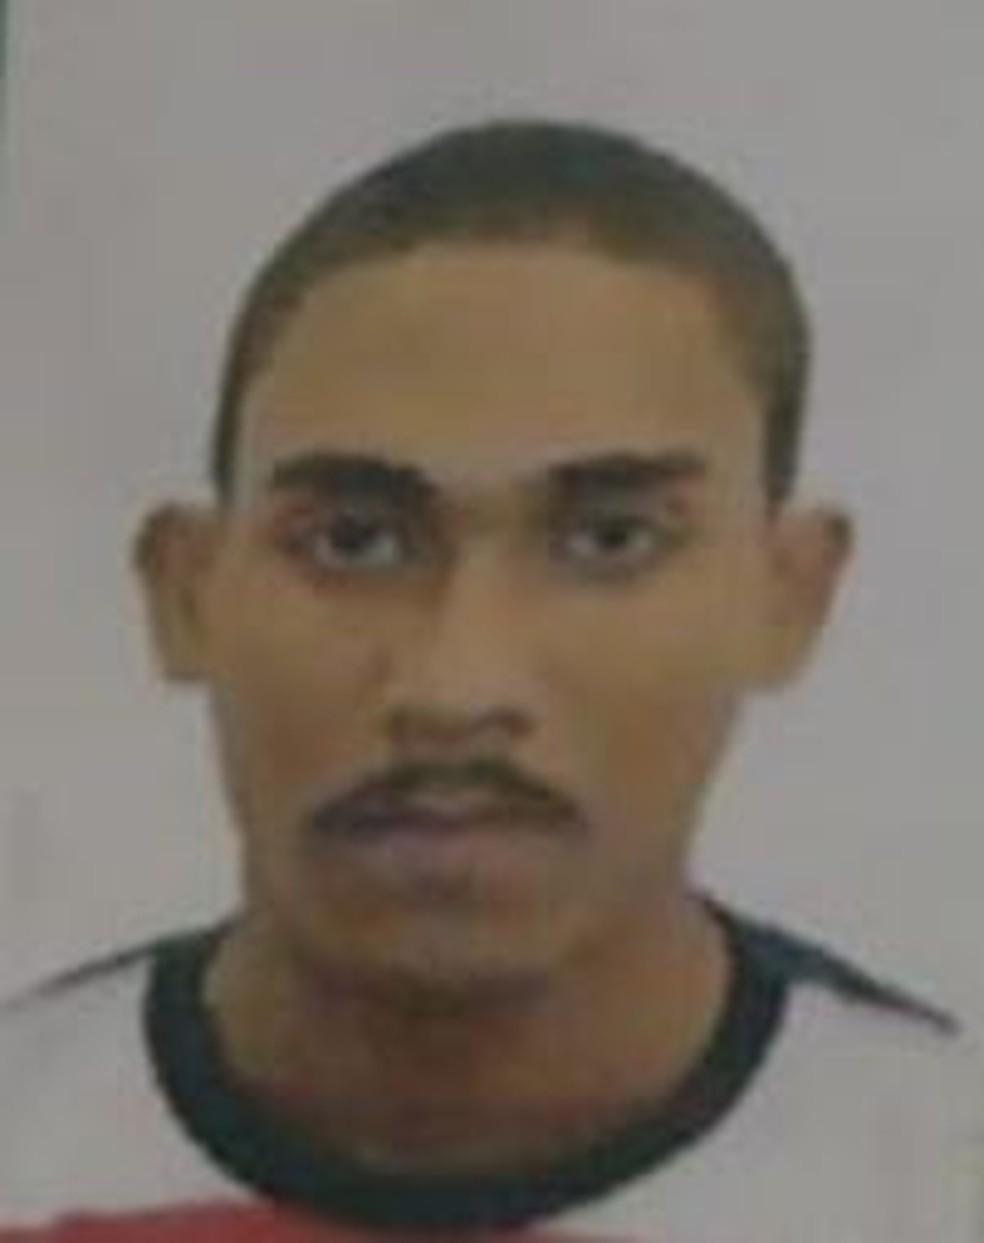 Gabriel, neto de Neguinho da Beija-Flor, foi morto a tiro — Foto: Reprodução